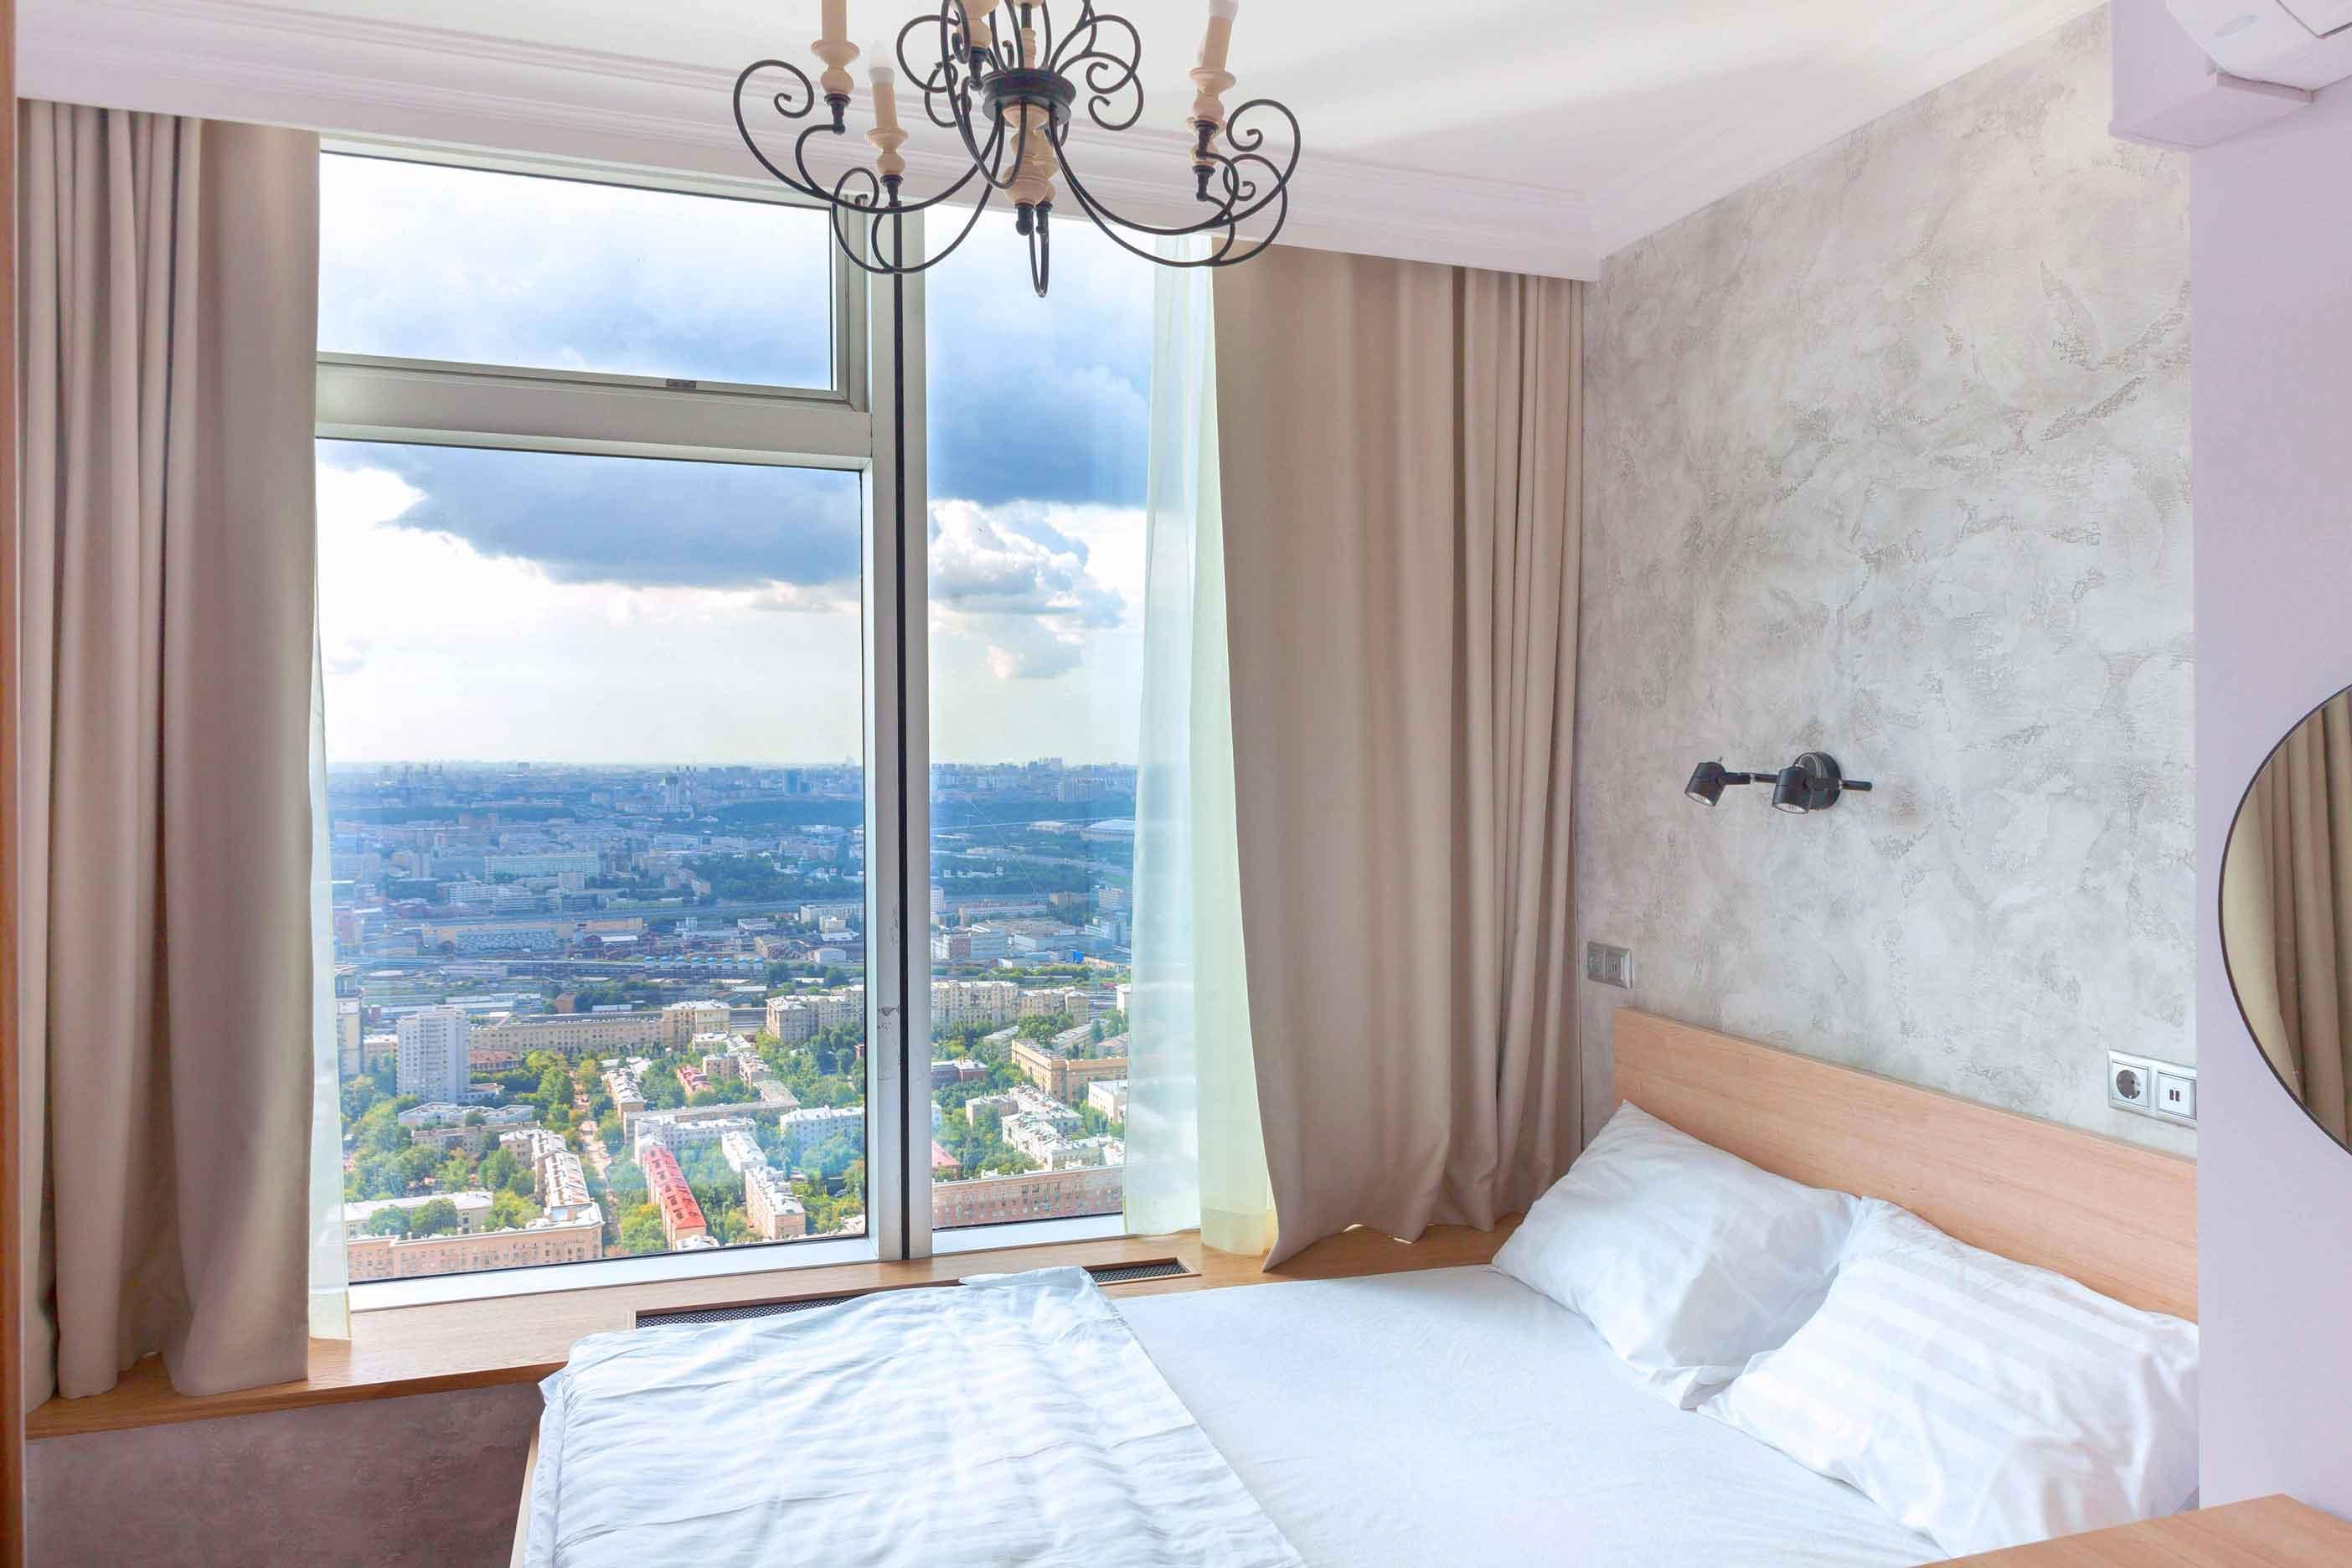 Живи на 52 этаже в башне Империя от 1800 рублей